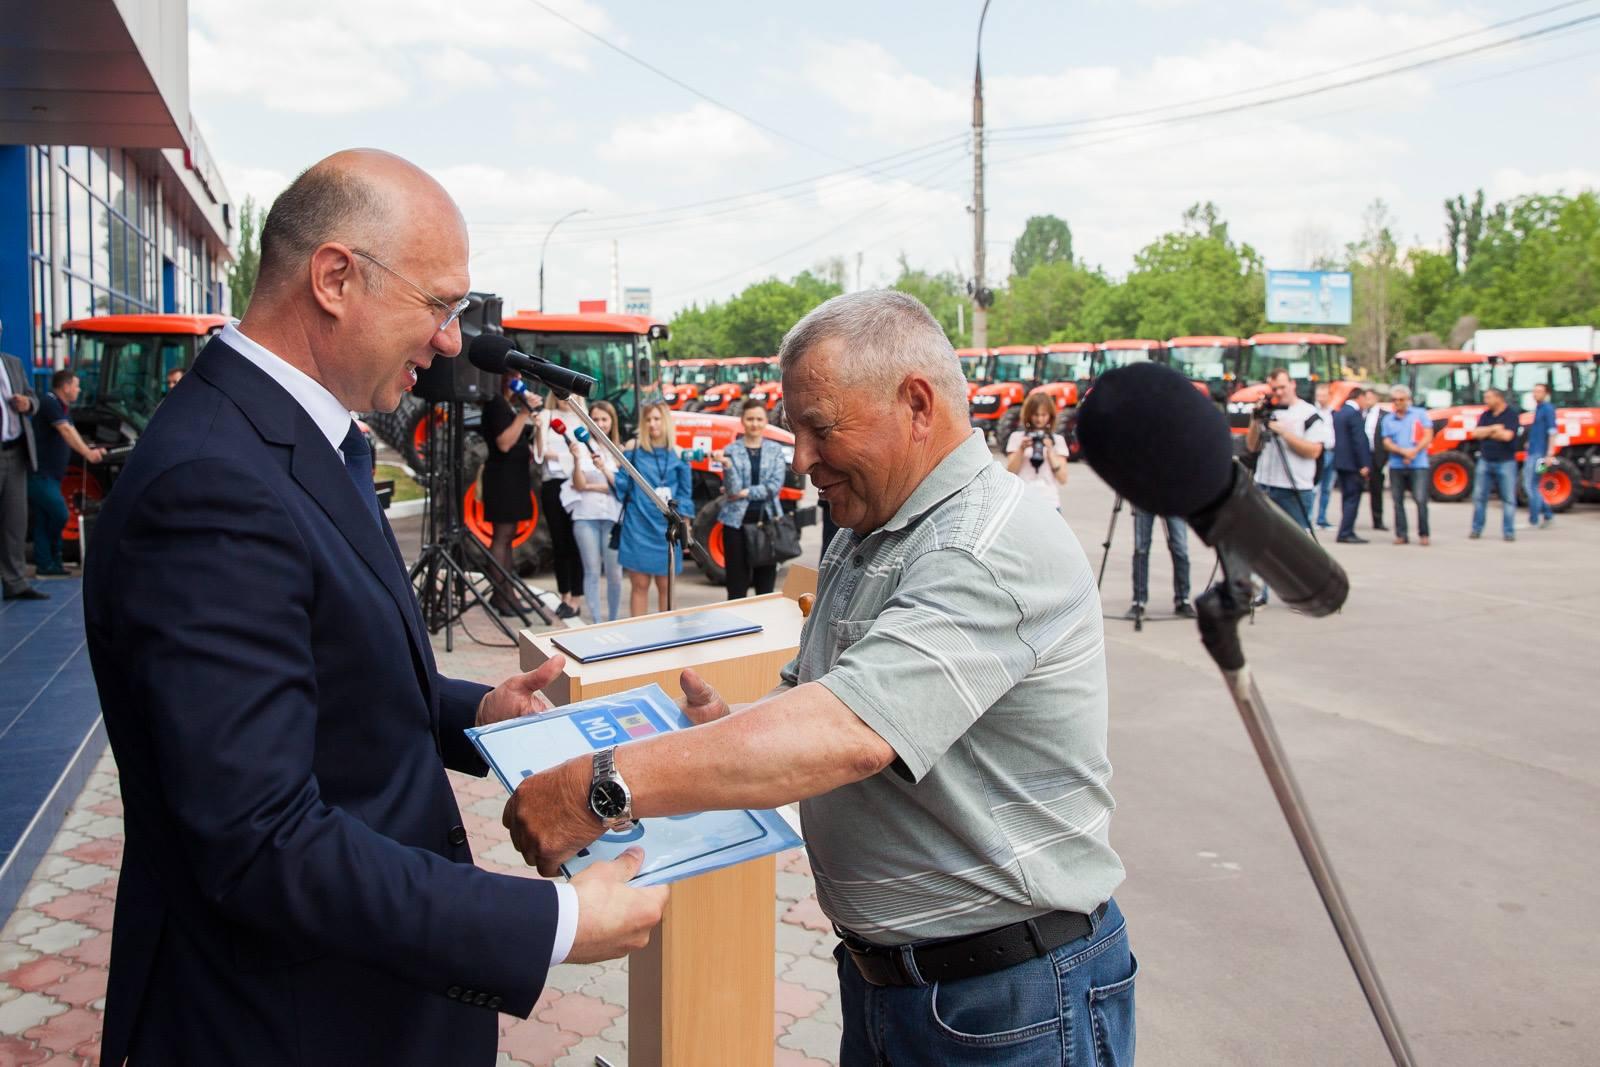 Guvernul Filip, Peste 300 de IMM-uri au beneficiat de sprijin prin intermediul garanțiilor financiare, pdm partidul democrat, vlad plahotniuc, business moldova